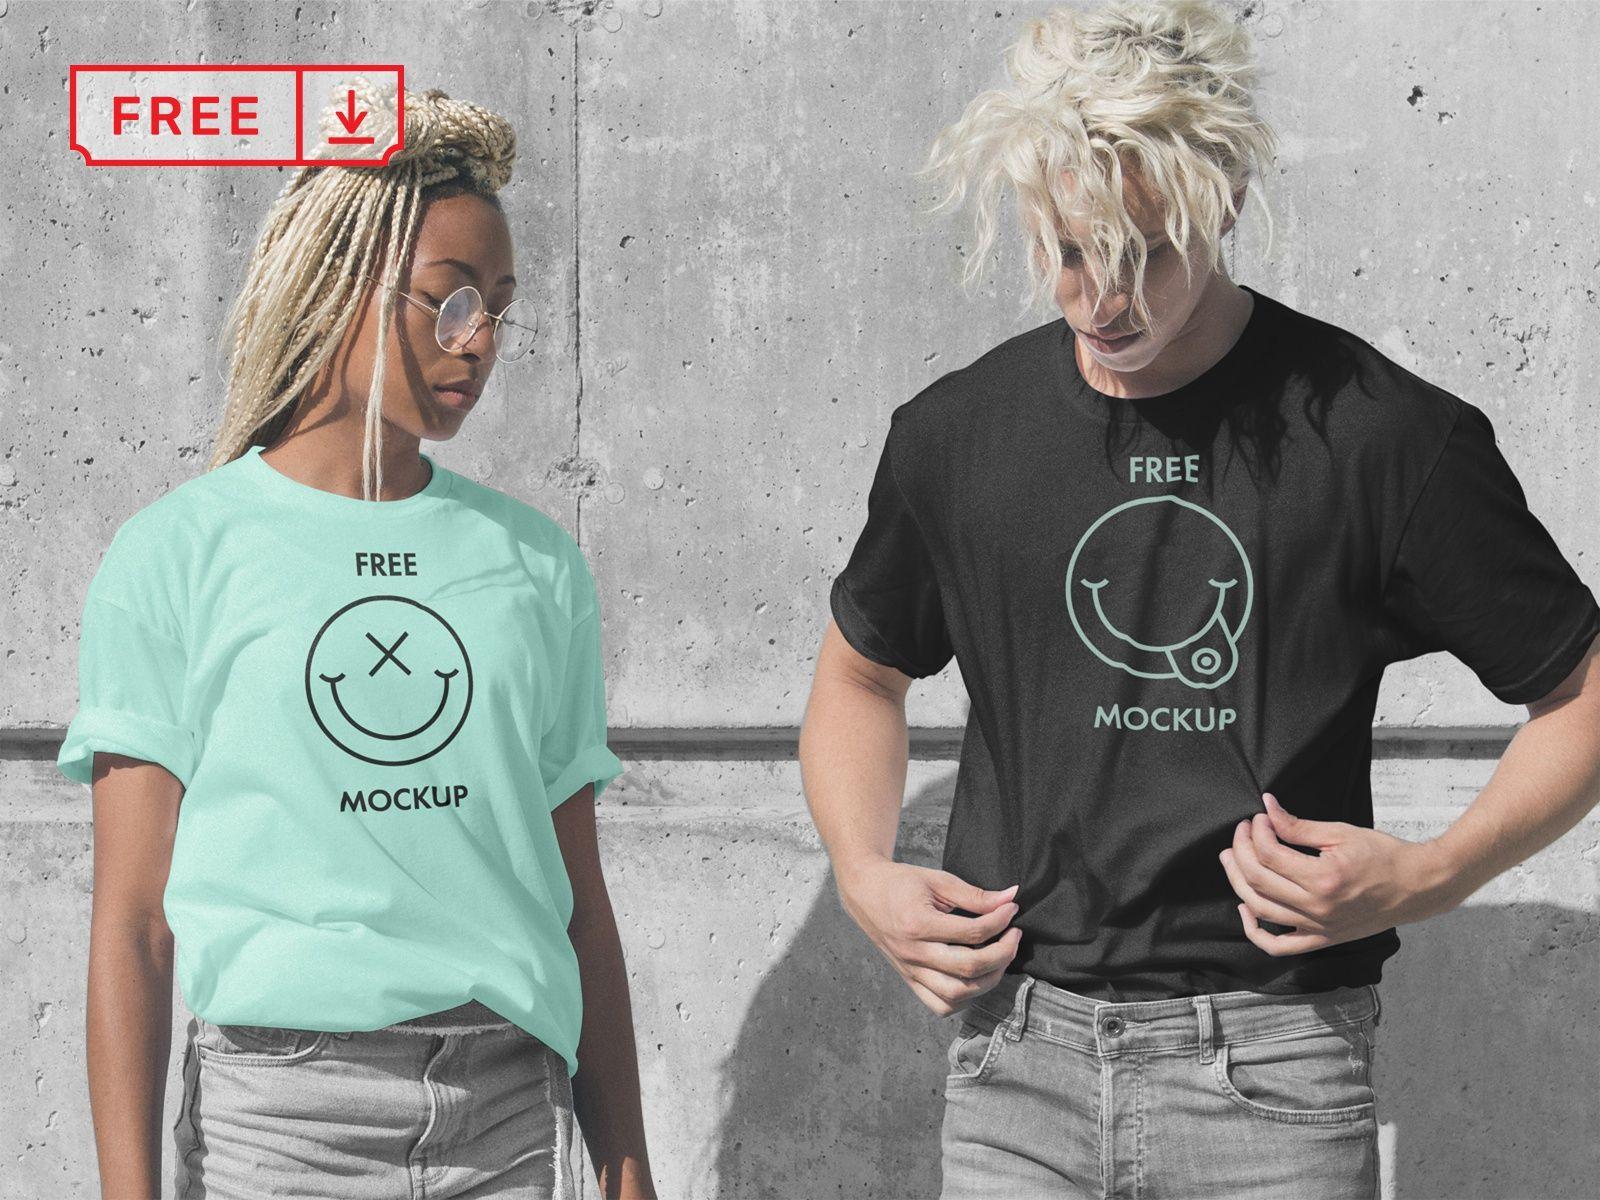 Download T Shirts Psd Mockup Shirt Mockup Tshirt Mockup Clothing Mockup